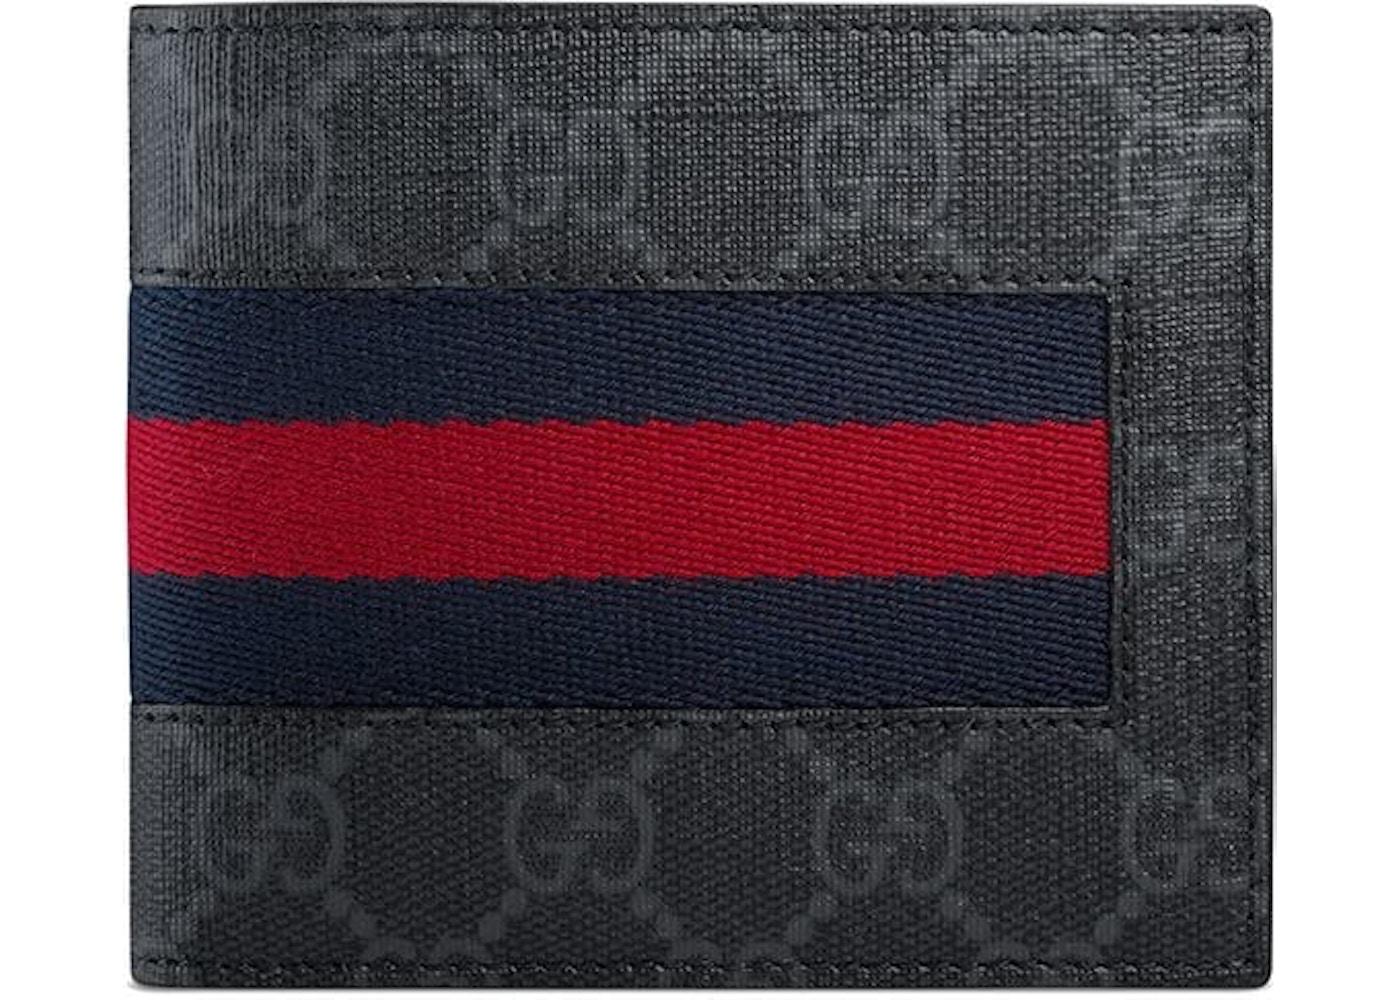 8961eee229f2 Buy & Sell Gucci Luxury Handbags